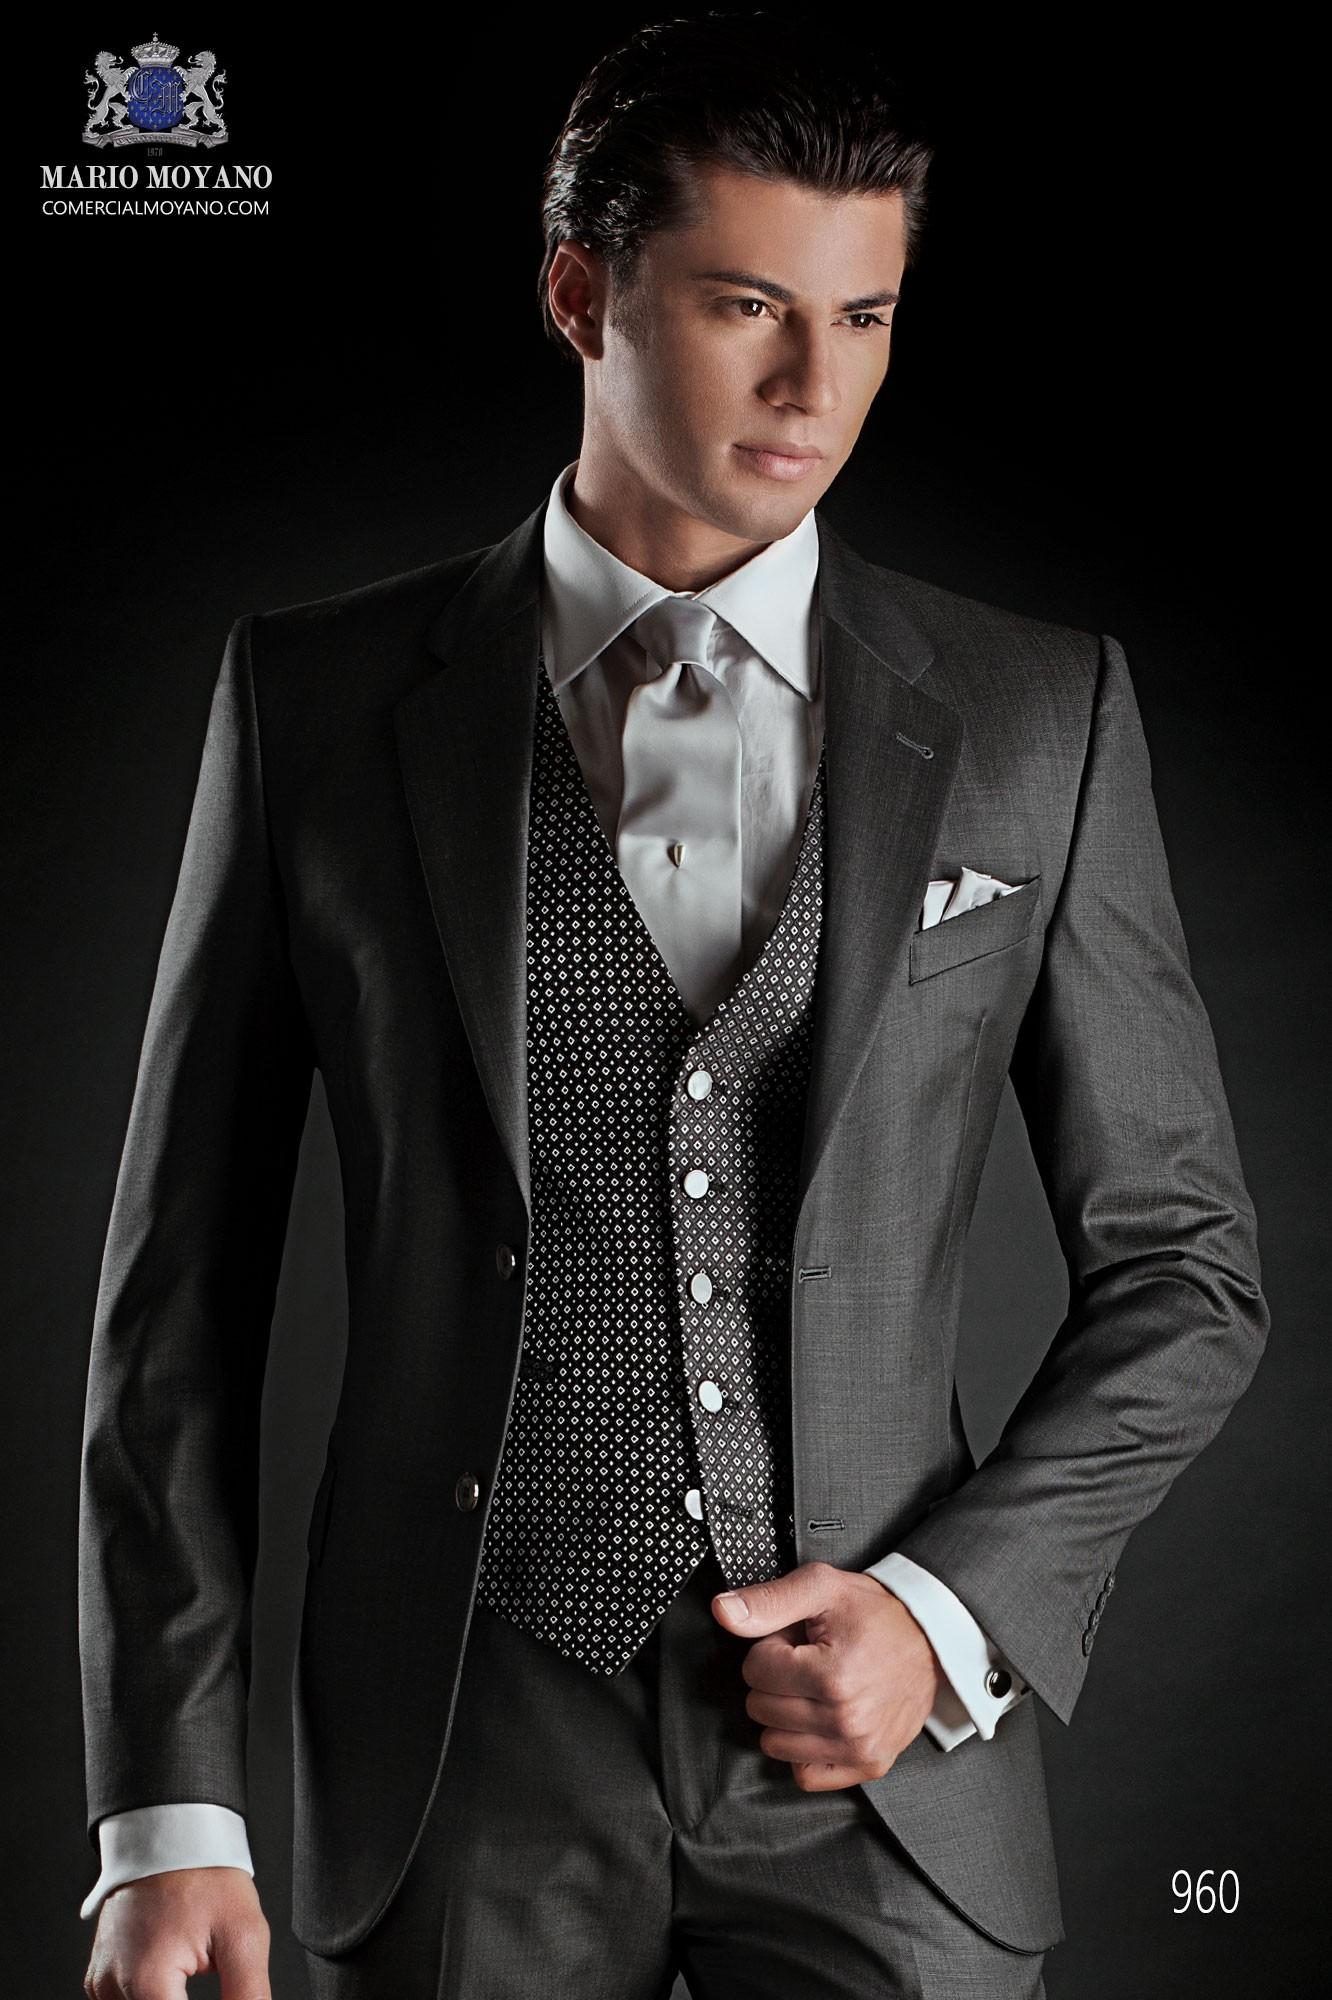 Traje de novio italiano gris modelo: 960 Ottavio Nuccio Gala colección Gentleman